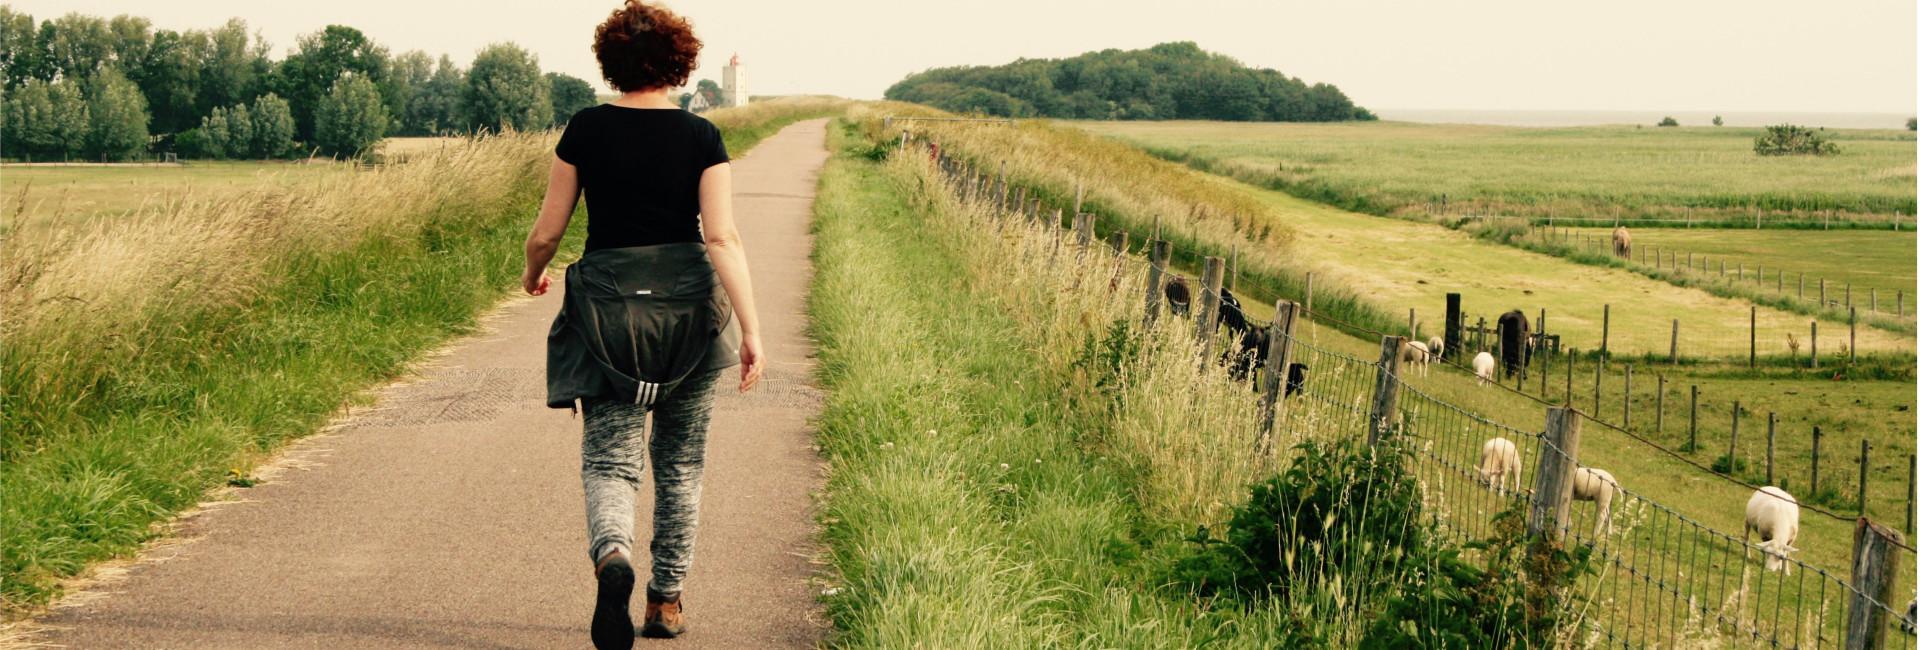 Wandelvrouw wandelen en afvallen vuurtoren